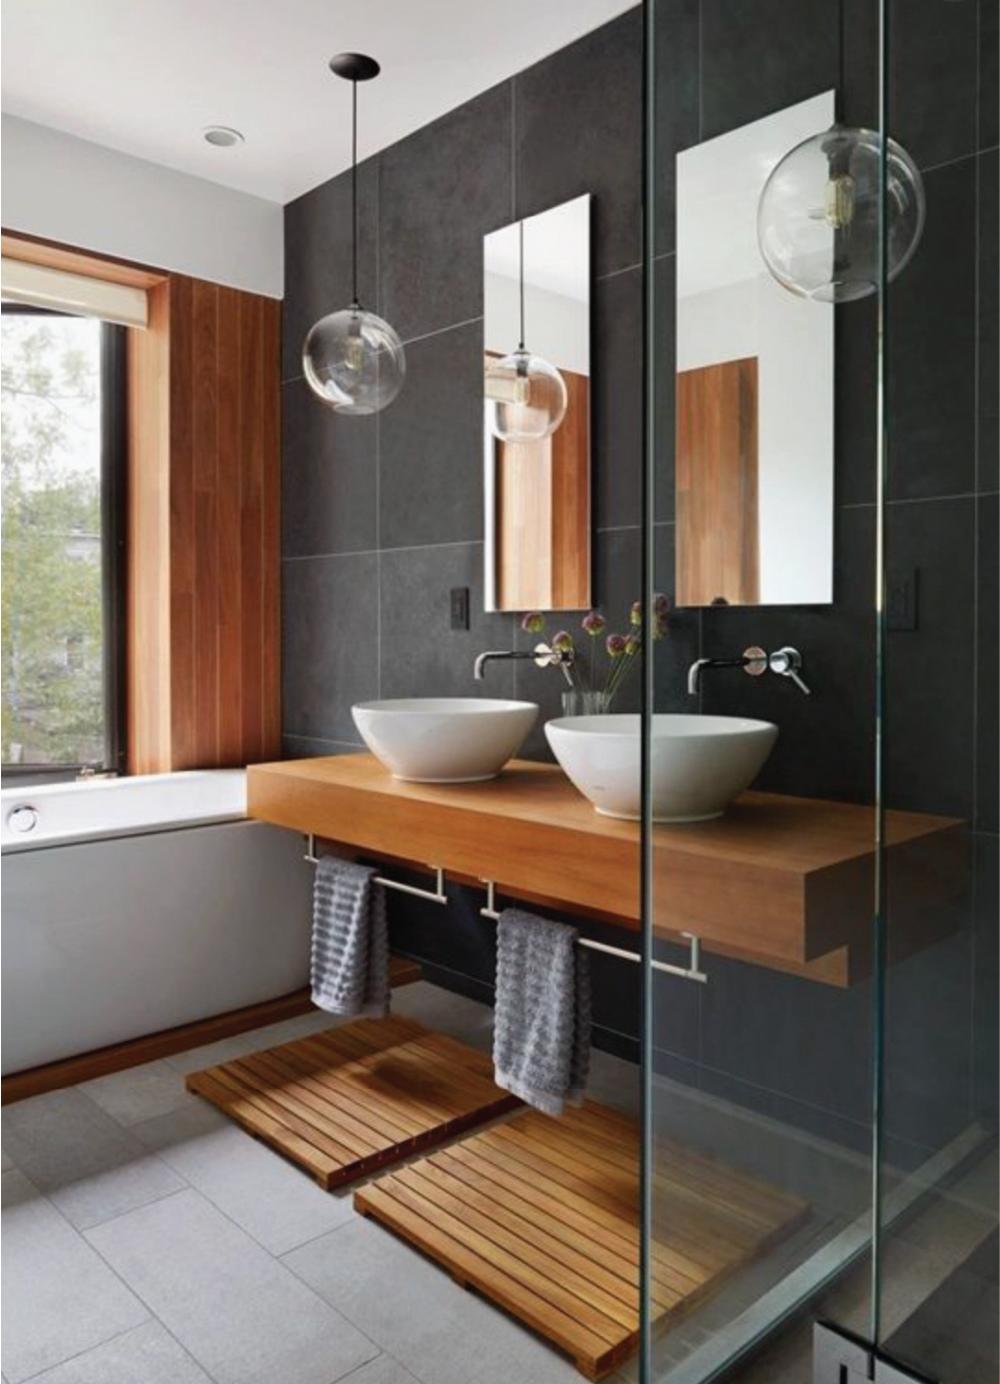 Living Room Decor And Design Ideas Com Imagens Dicas Decoracao